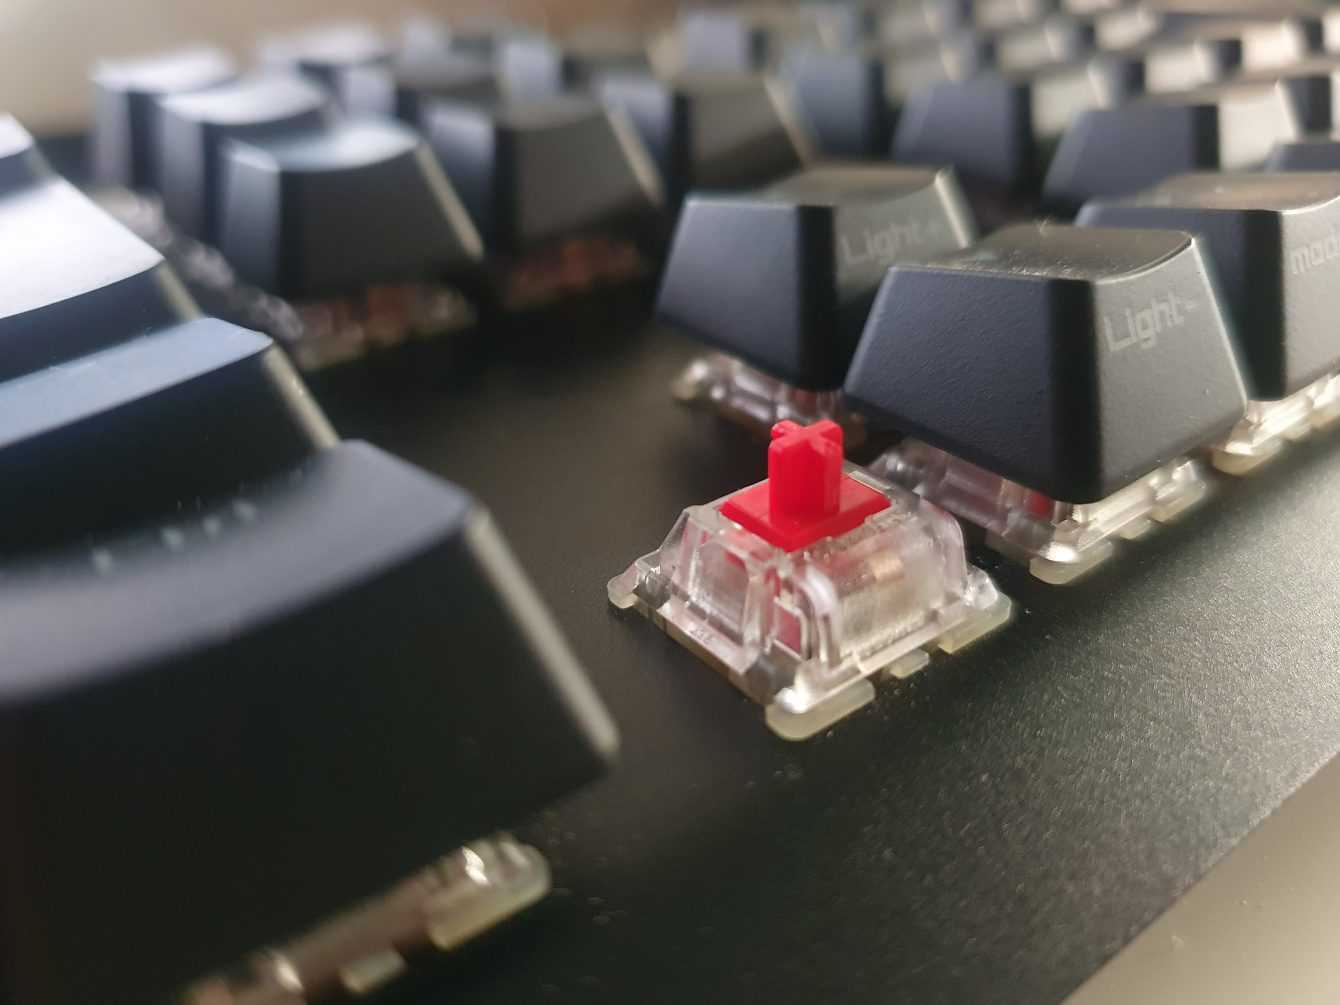 Recensione ASUS ROG Strix Scope: la tastiera per gli sparatutto